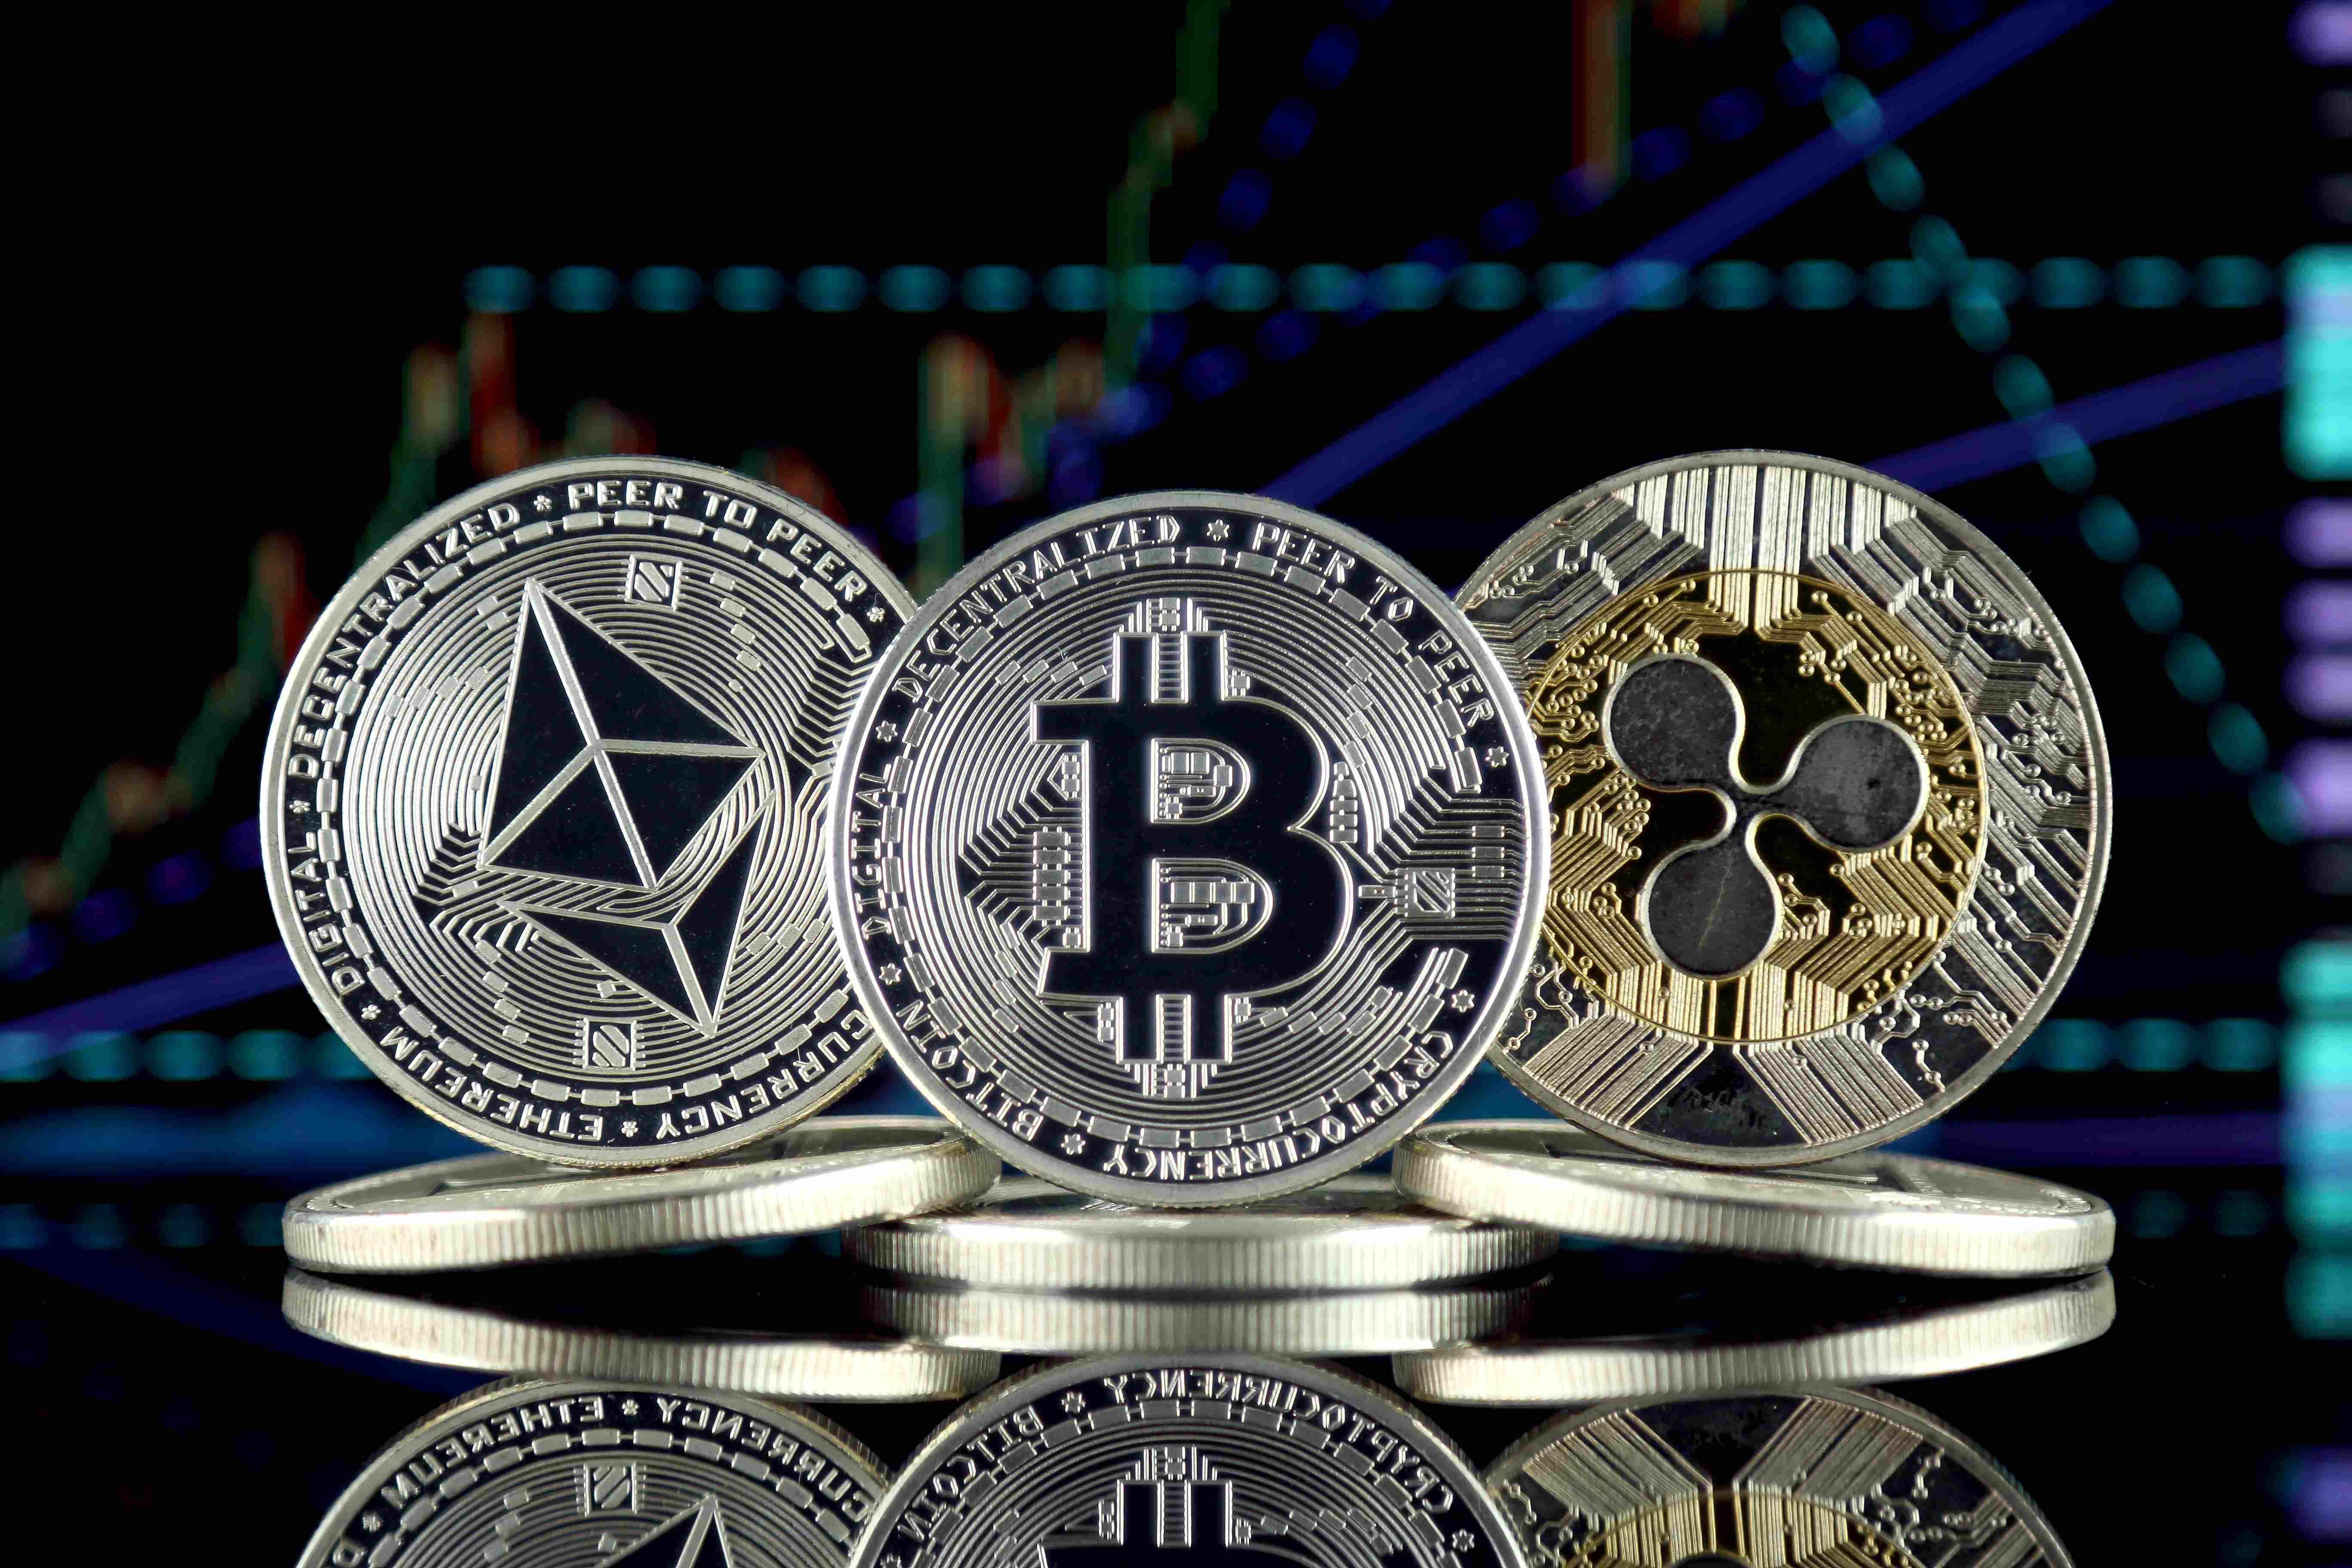 centavos de criptomoeda para investir em